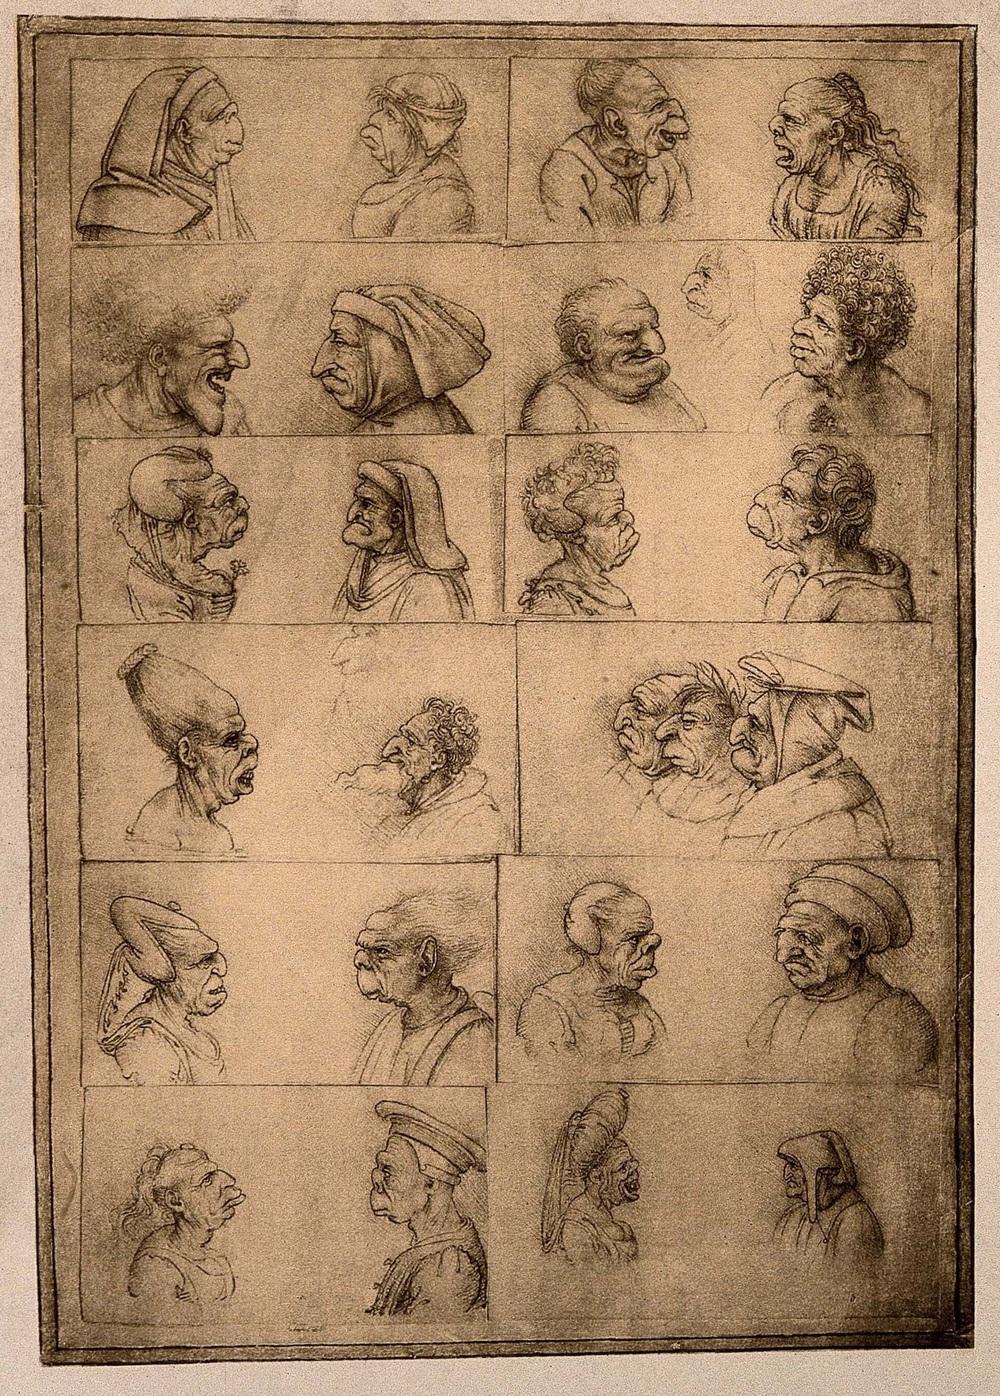 Giải mã bí ẩn trong những bức họa xấu xí trong sổ tay của Leonardo da Vinci - Ảnh 8.